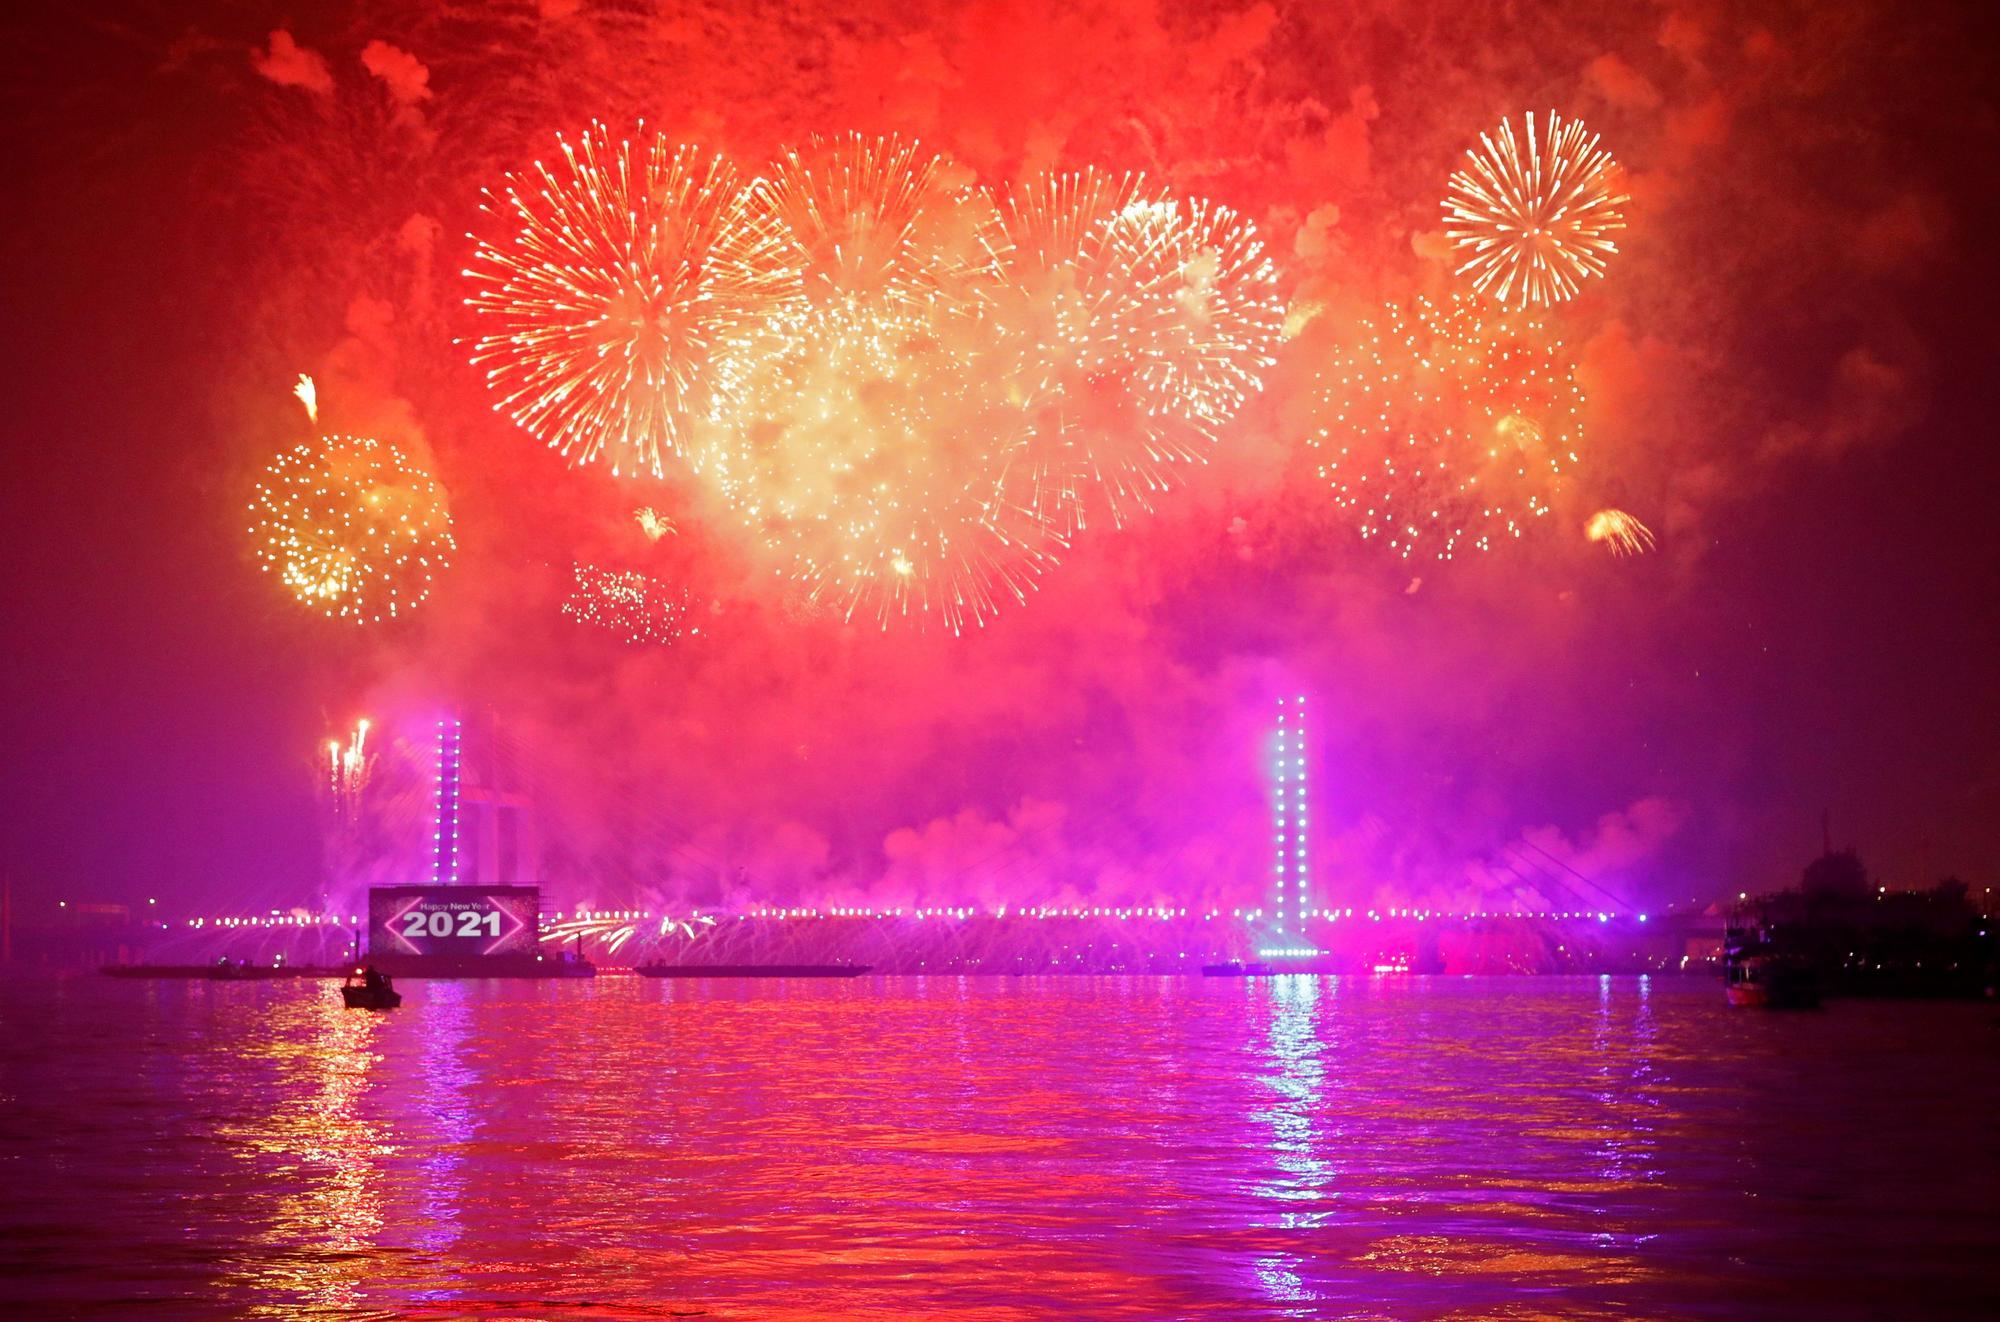 Fuegos artificiales en el mundo para recibir 2021